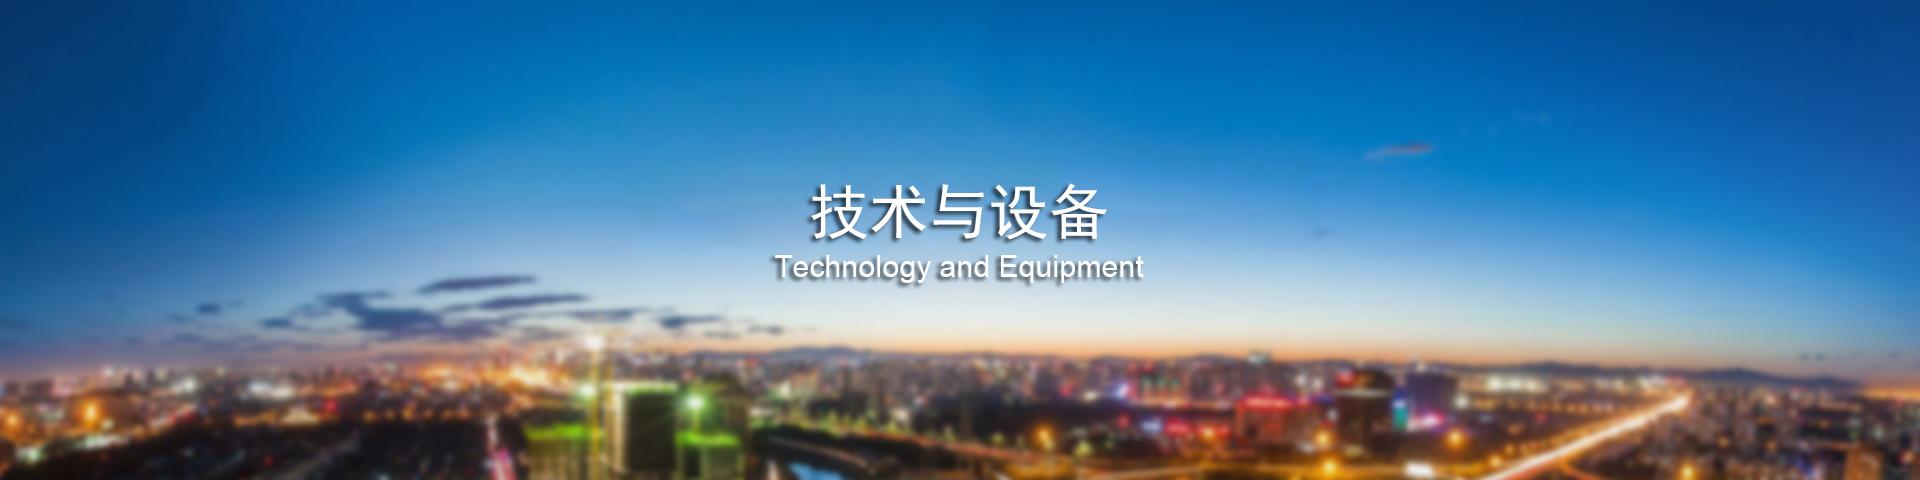 技术与设备banner